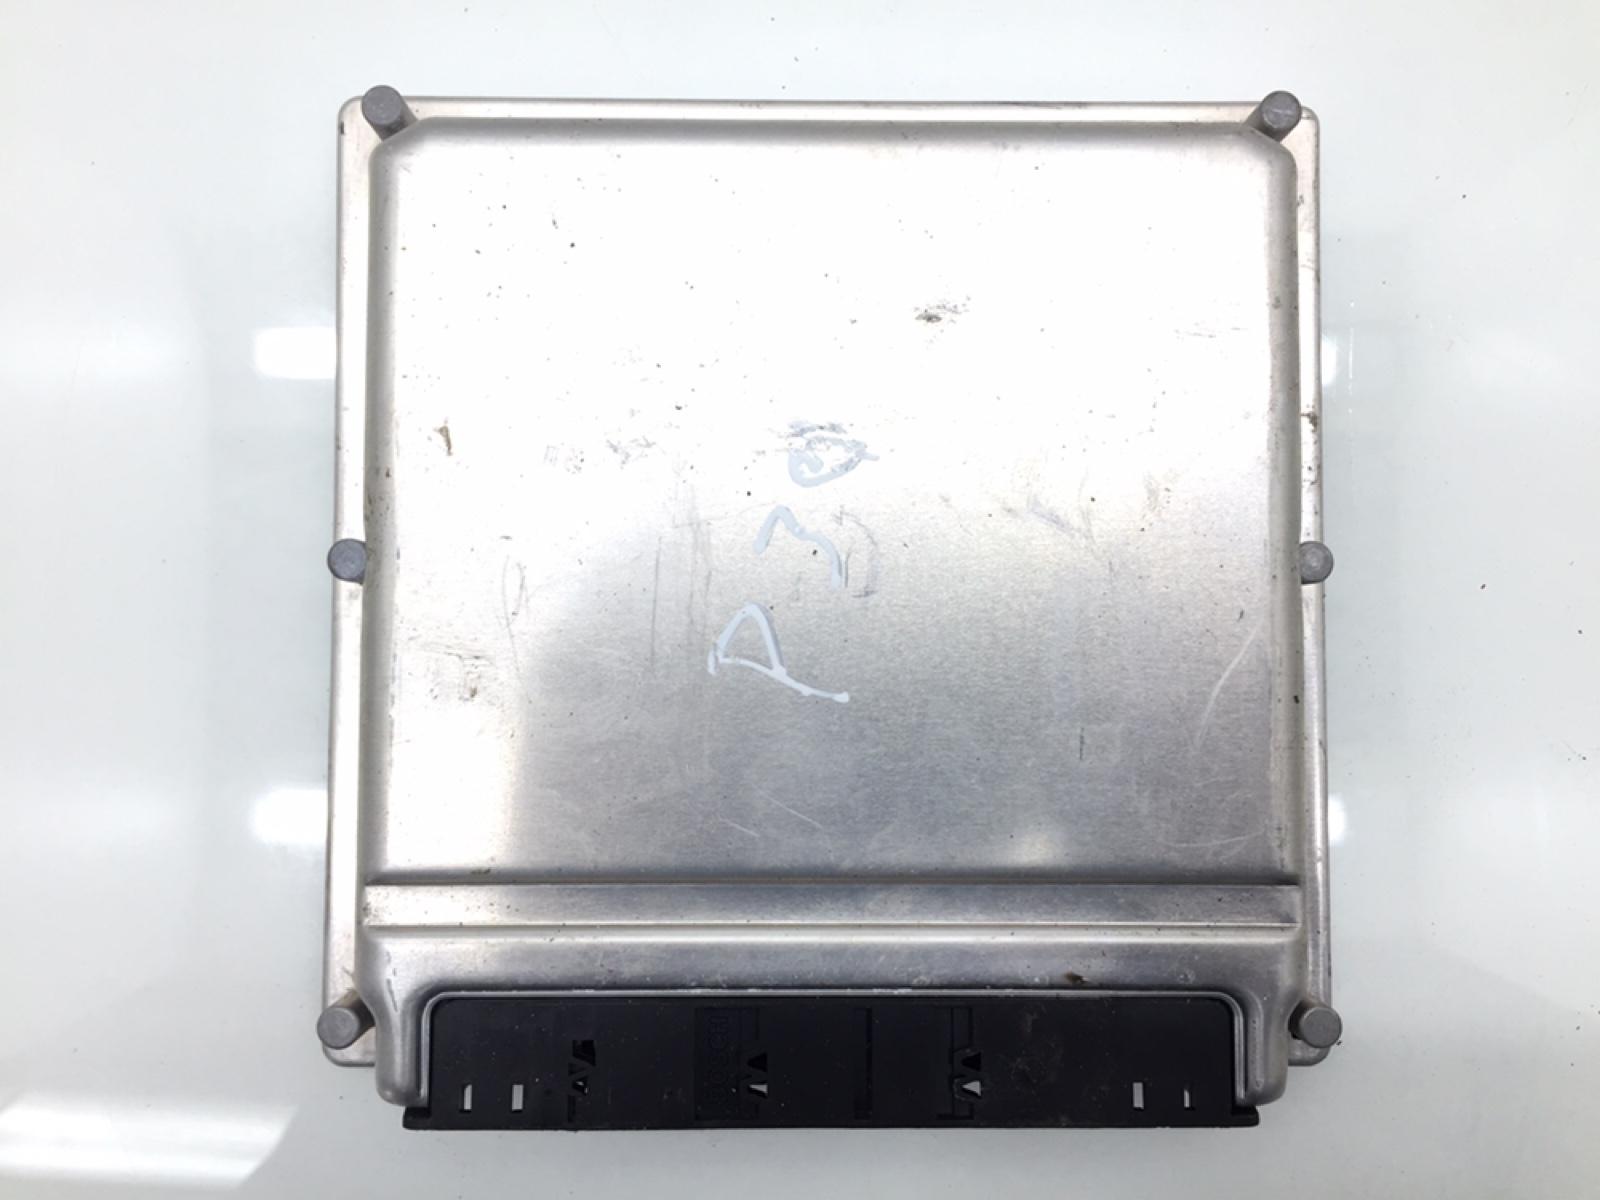 Блок управления двигателем Mercedes Clk W209 2.6 I 2003 (б/у)